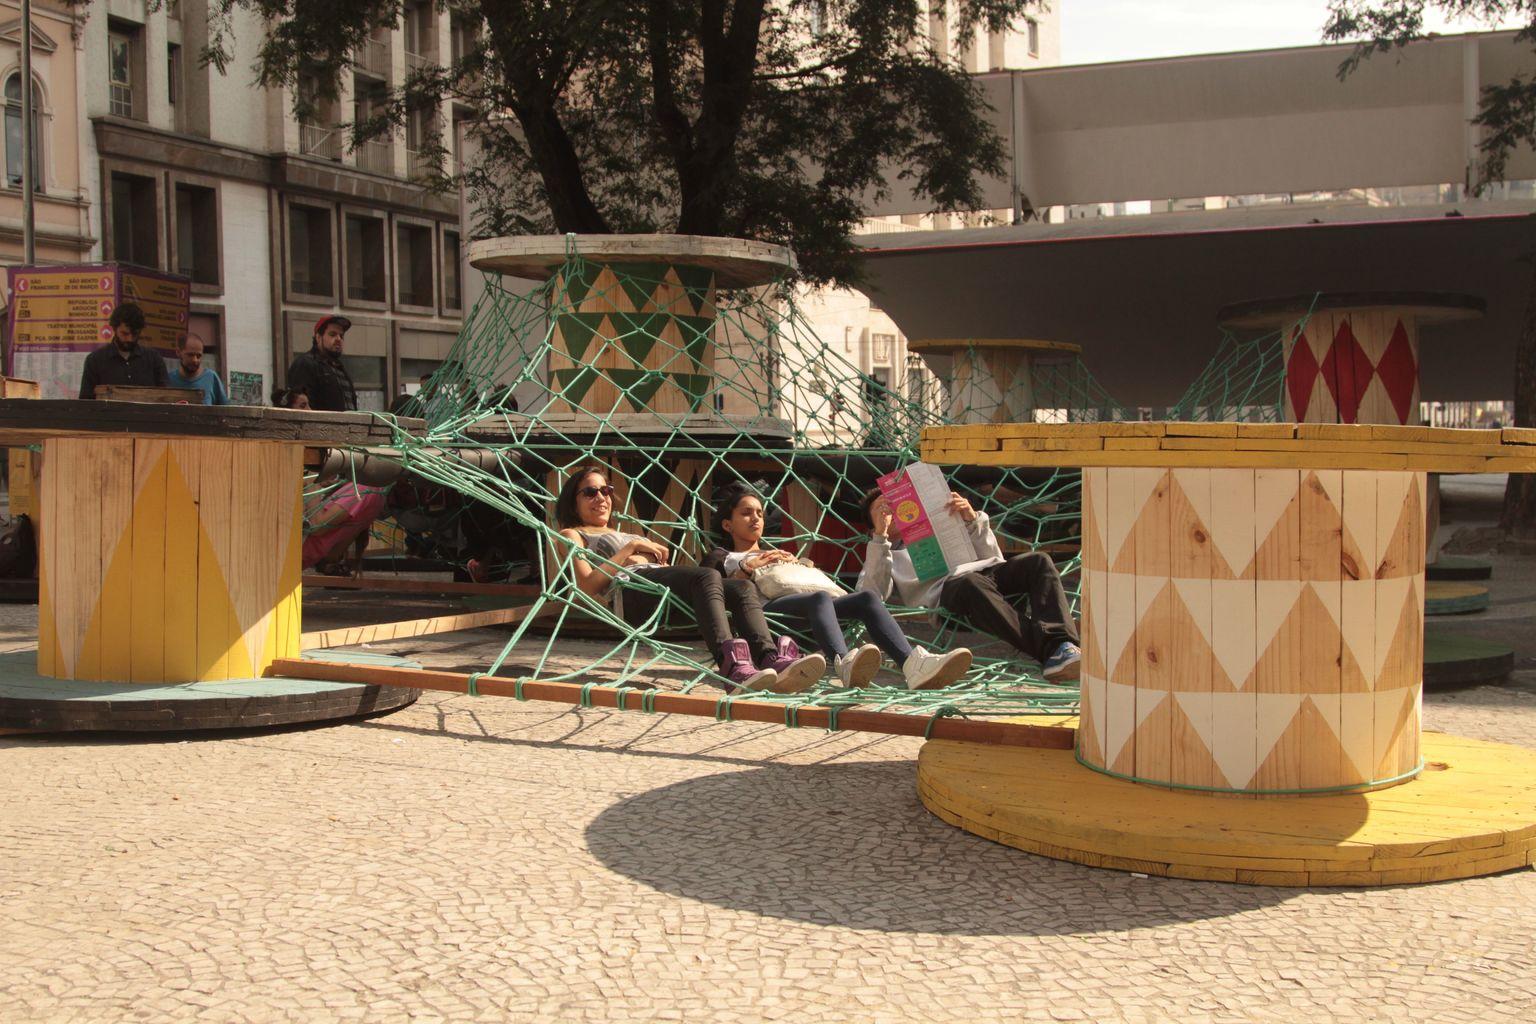 különleges játszótér - Sao Paulo - Brazília